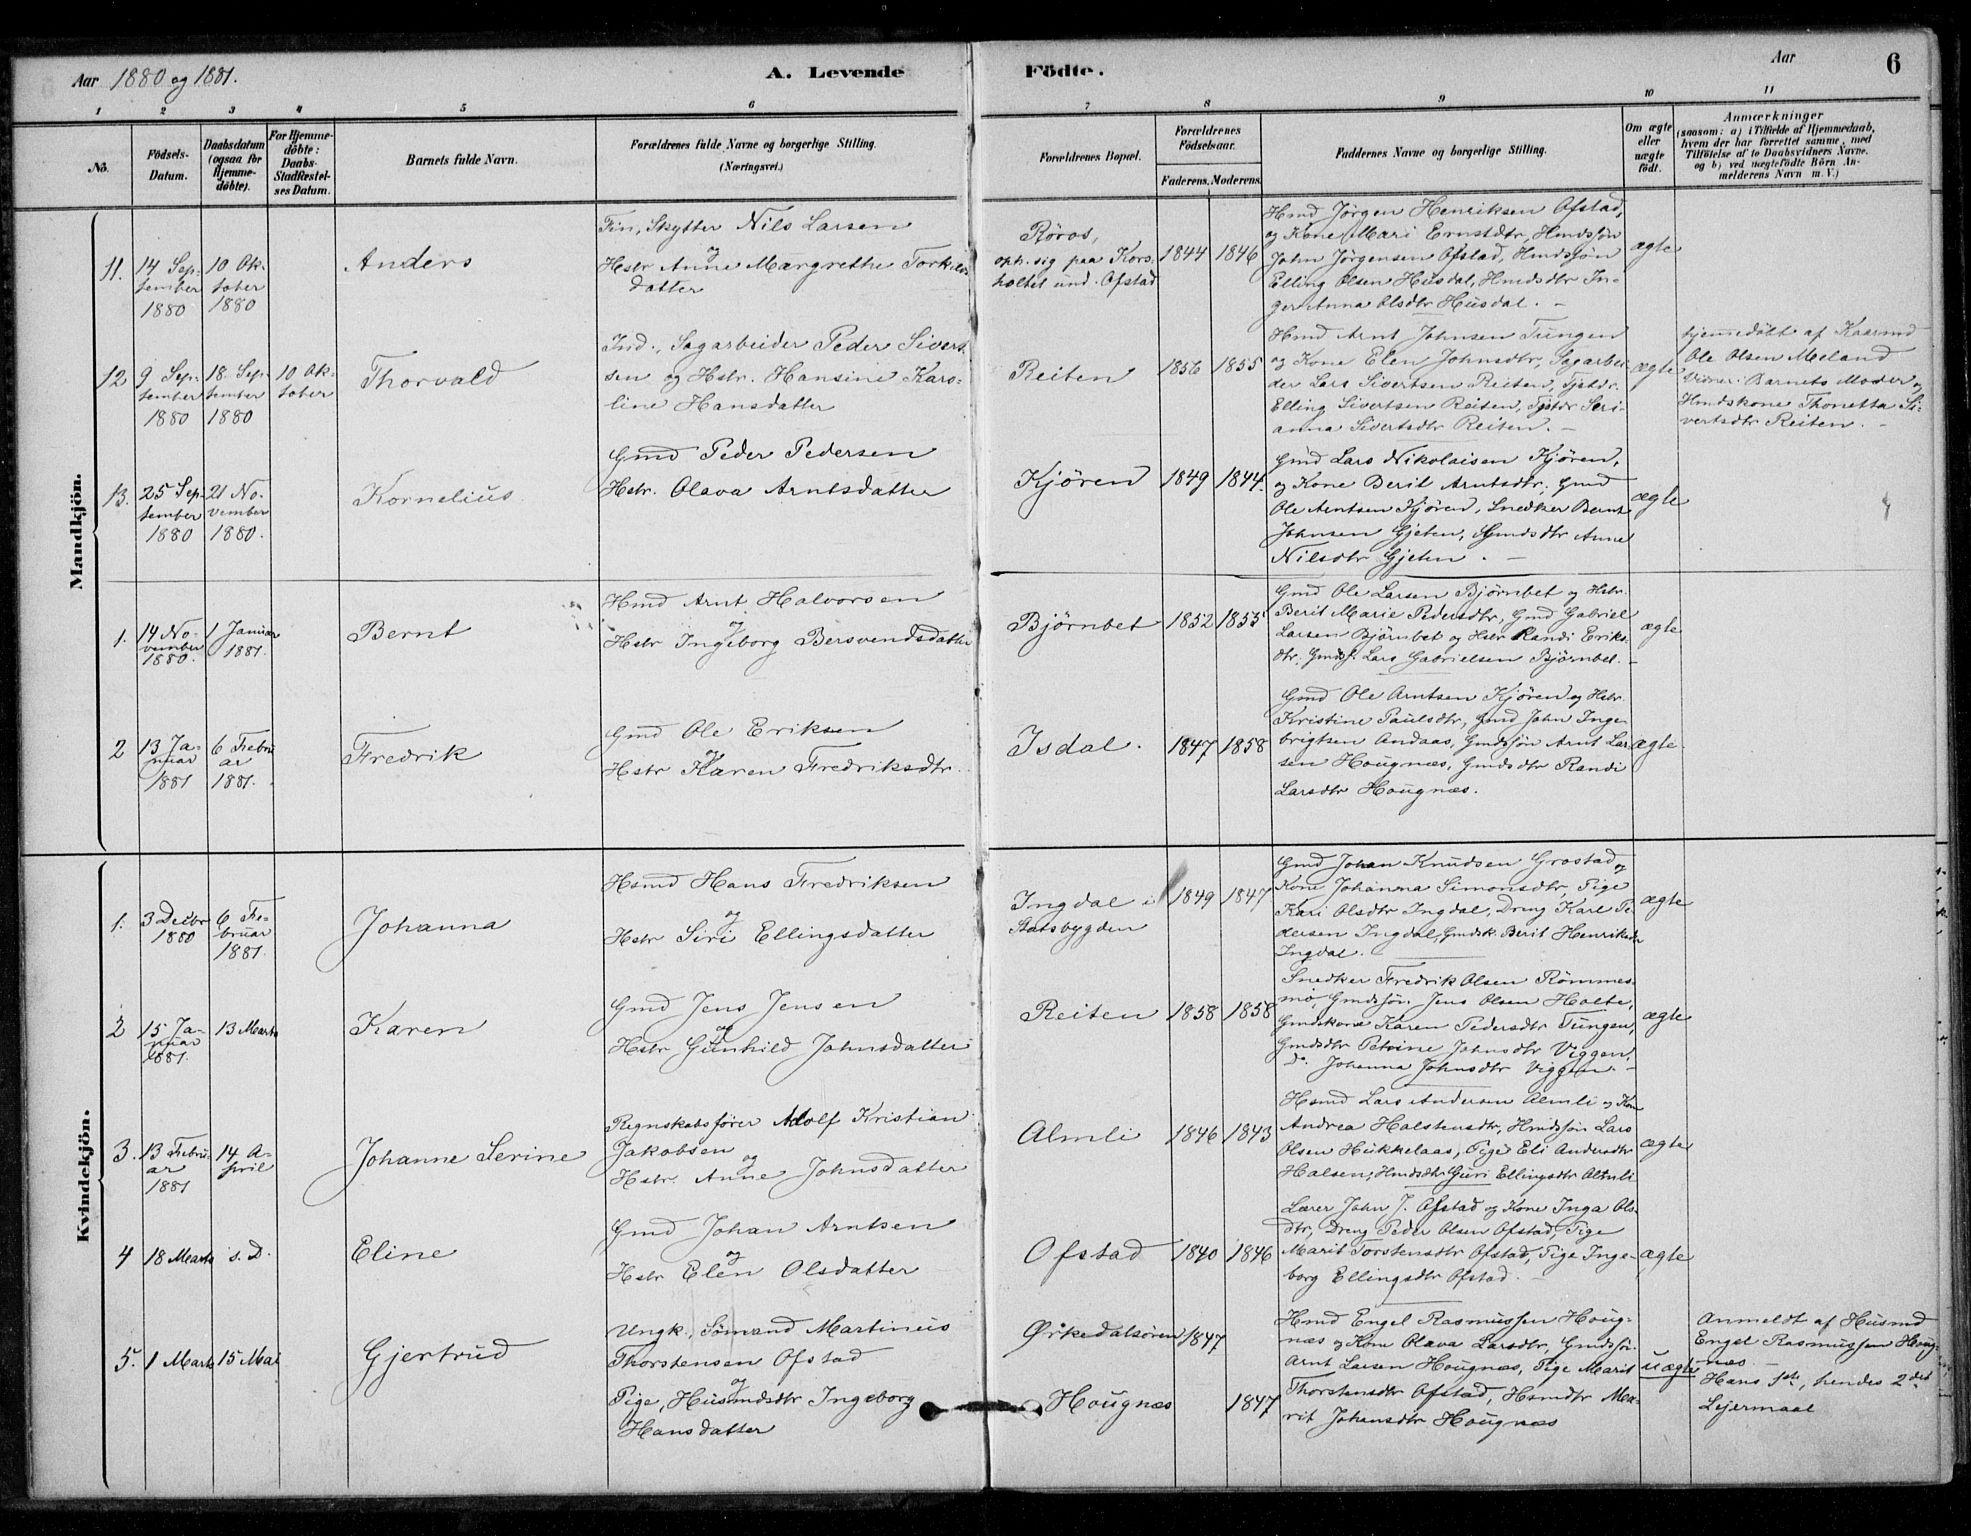 SAT, Ministerialprotokoller, klokkerbøker og fødselsregistre - Sør-Trøndelag, 670/L0836: Ministerialbok nr. 670A01, 1879-1904, s. 6